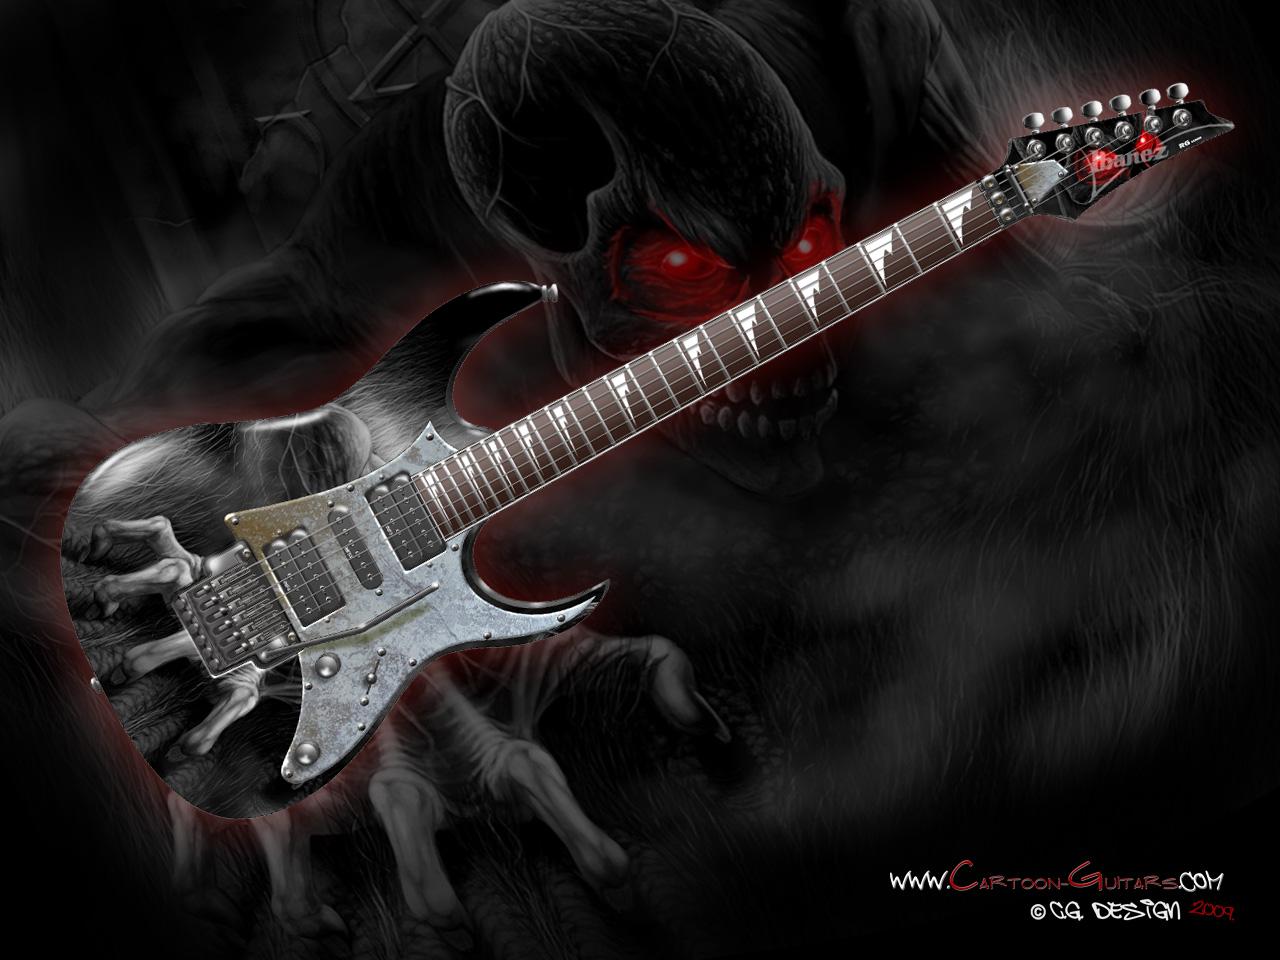 http://3.bp.blogspot.com/_jx1GIj50mhg/TBN-687Ks0I/AAAAAAAAAGc/PZ3zMGAOXHs/s1600/ibanez-rg350-custom-wallpaper_20090401_2001860338.jpg